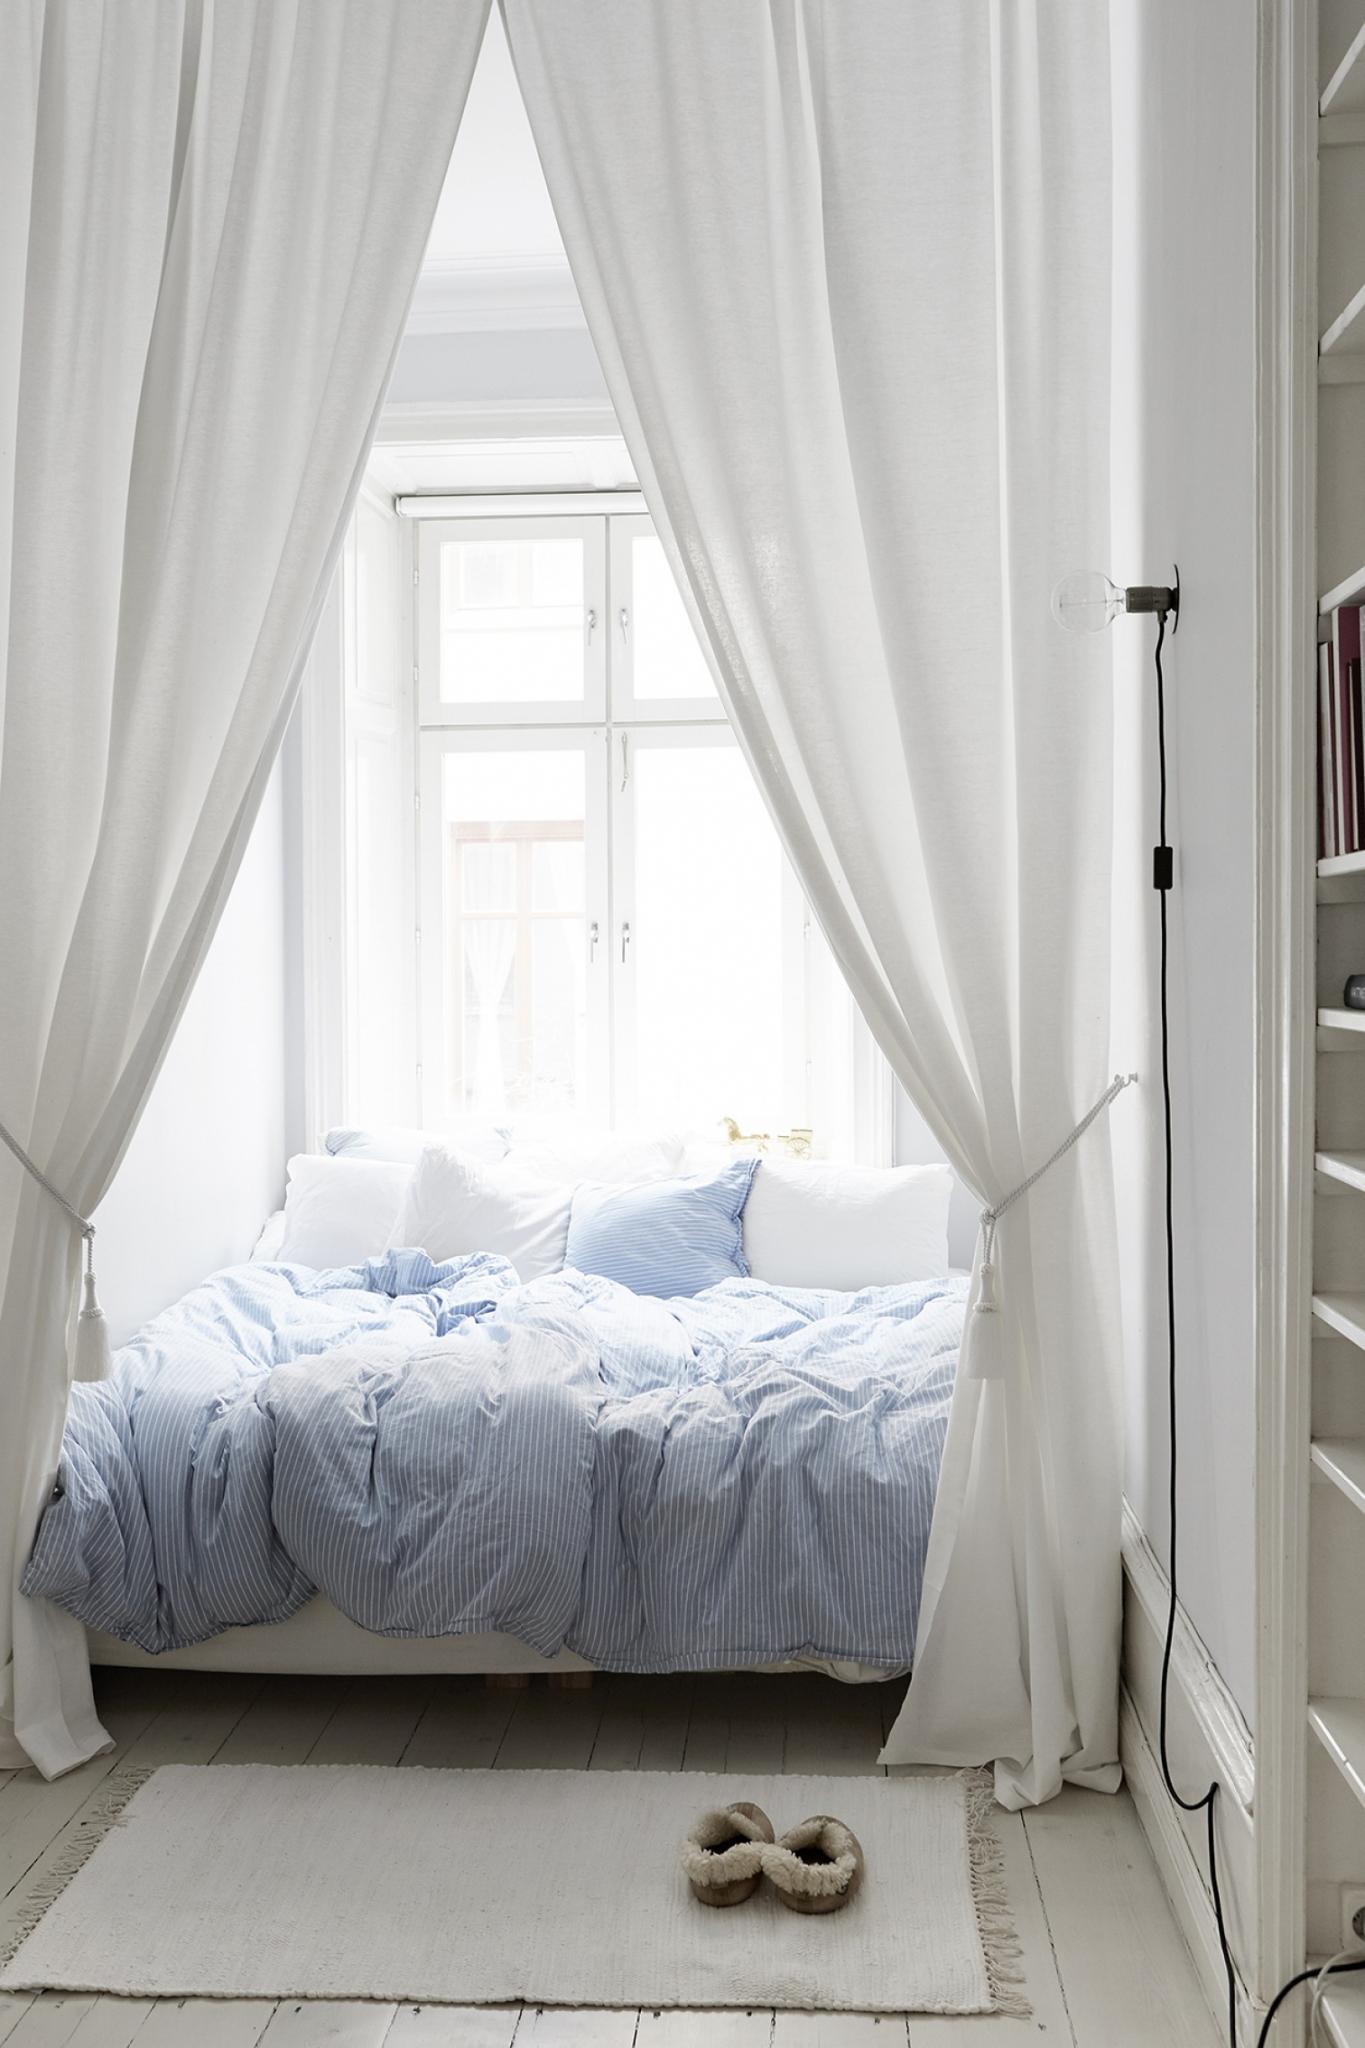 Кровать изголовьем к окну со шторами